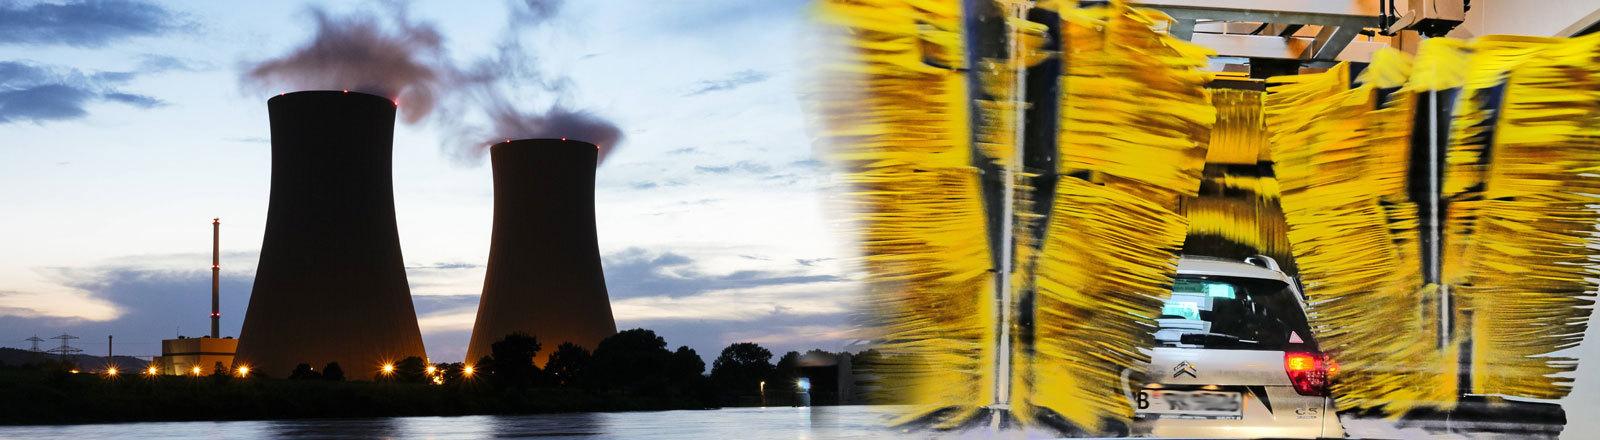 Collage: Das Foto links zeigt das Atomkraftwerk in Grohnde. Rechts ist ein Auto in einer Waschanlage abgebildet.